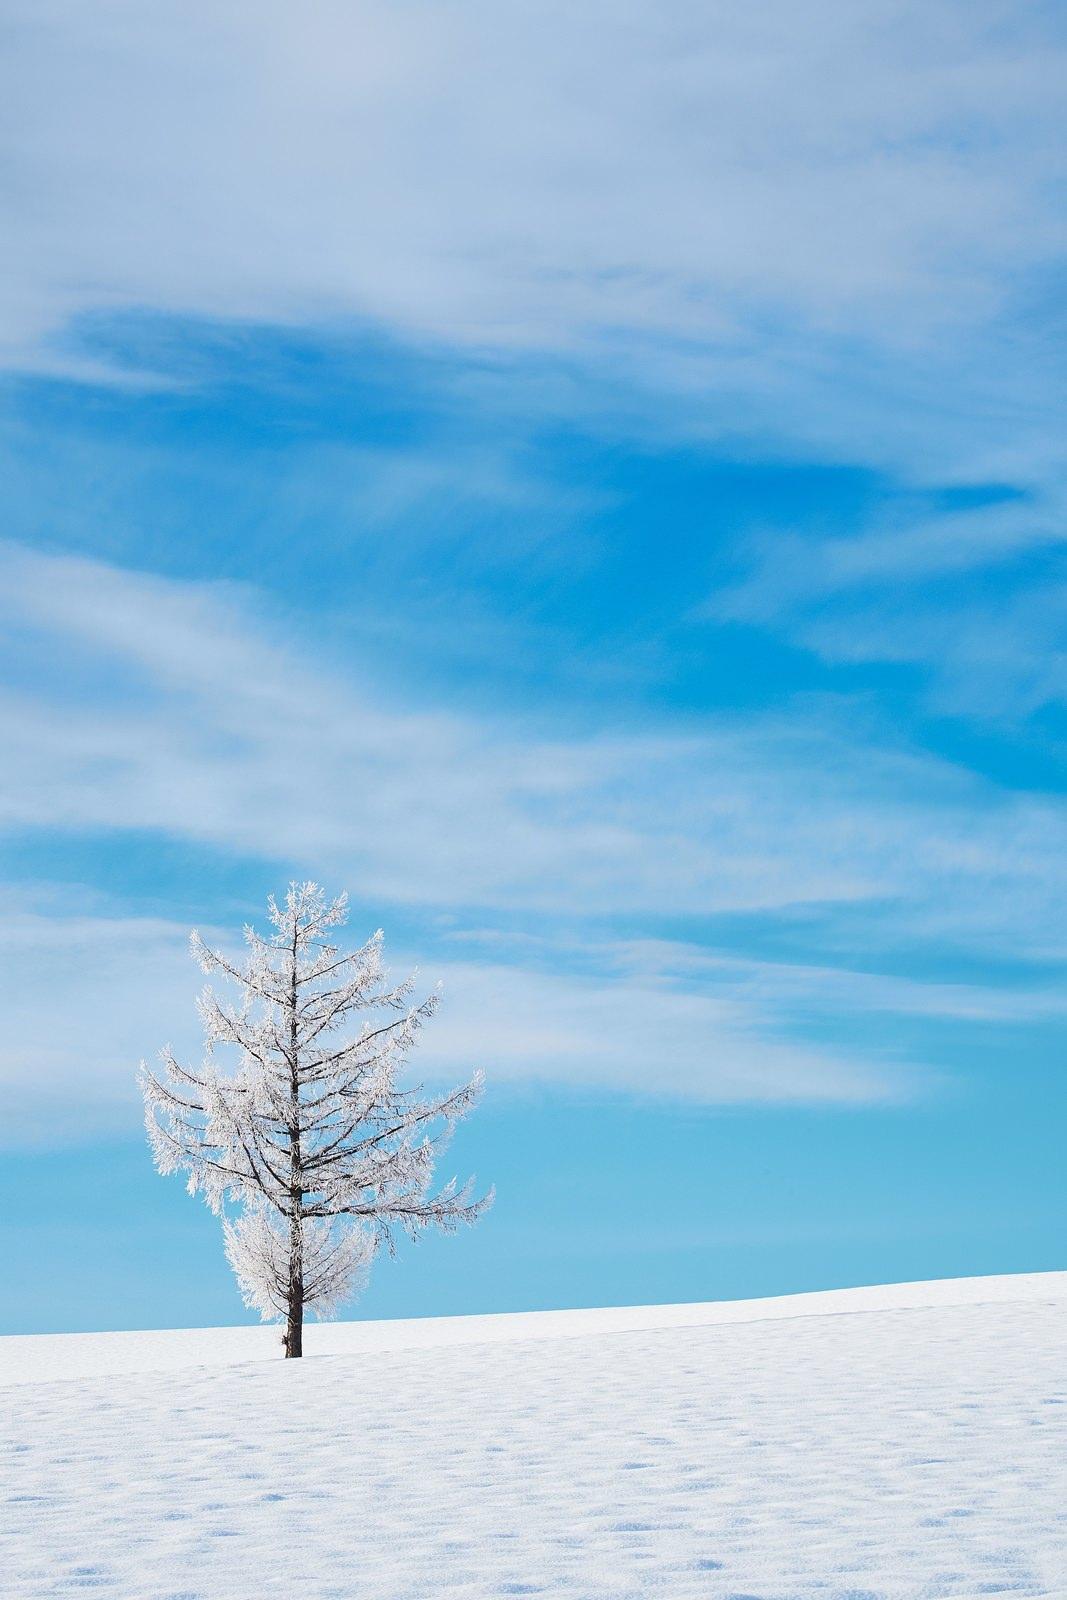 雪の中の一本の木雪の中の一本の木